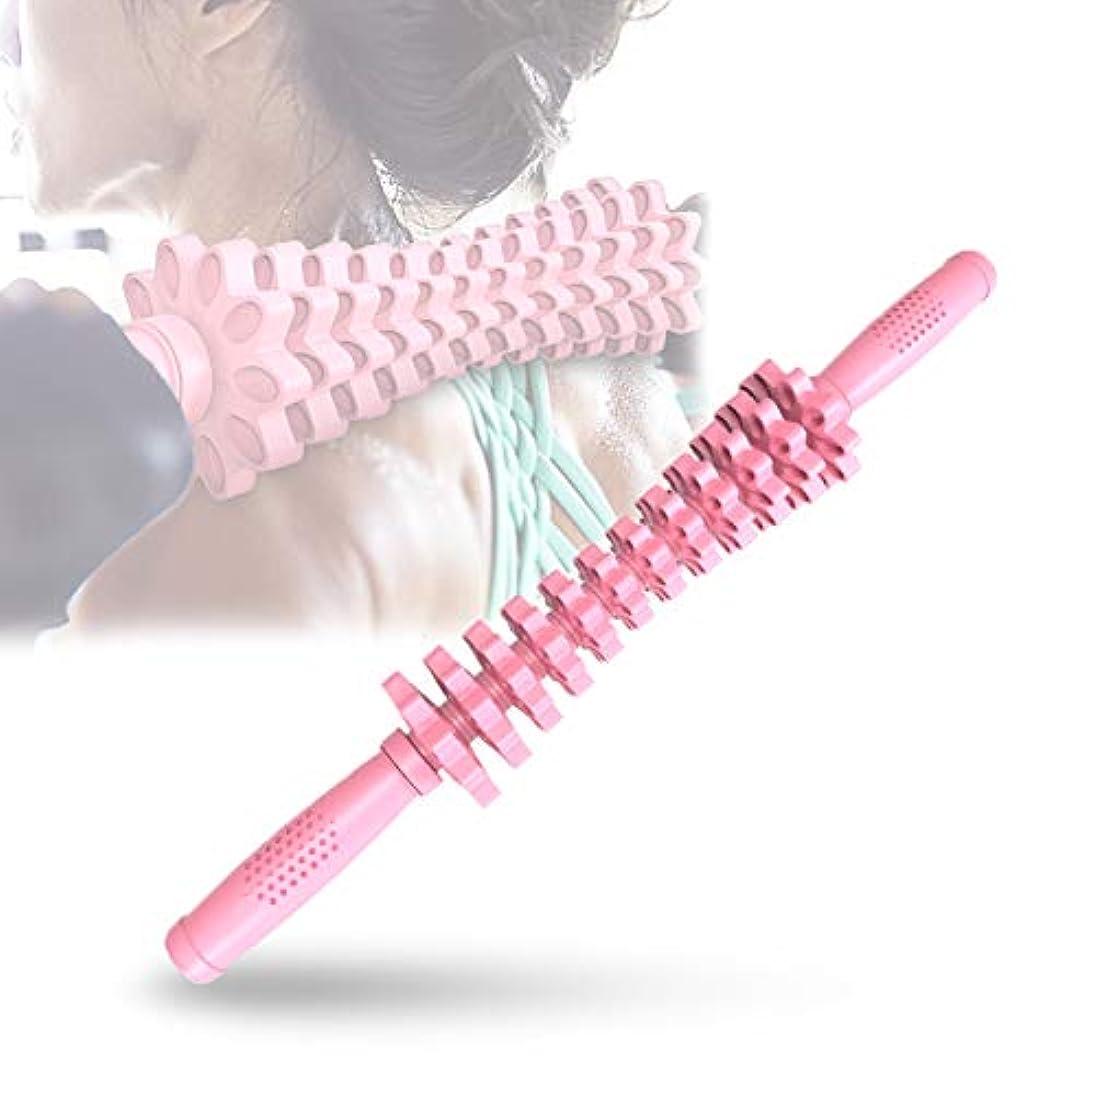 分散ラッカスアイロニーフォームローラー 筋肉マッサージおよび筋筋膜のトリガーポイント解放のためのギヤマッサージャーの取り外し可能なポリ塩化ビニールの快適な滑り止め,Pink